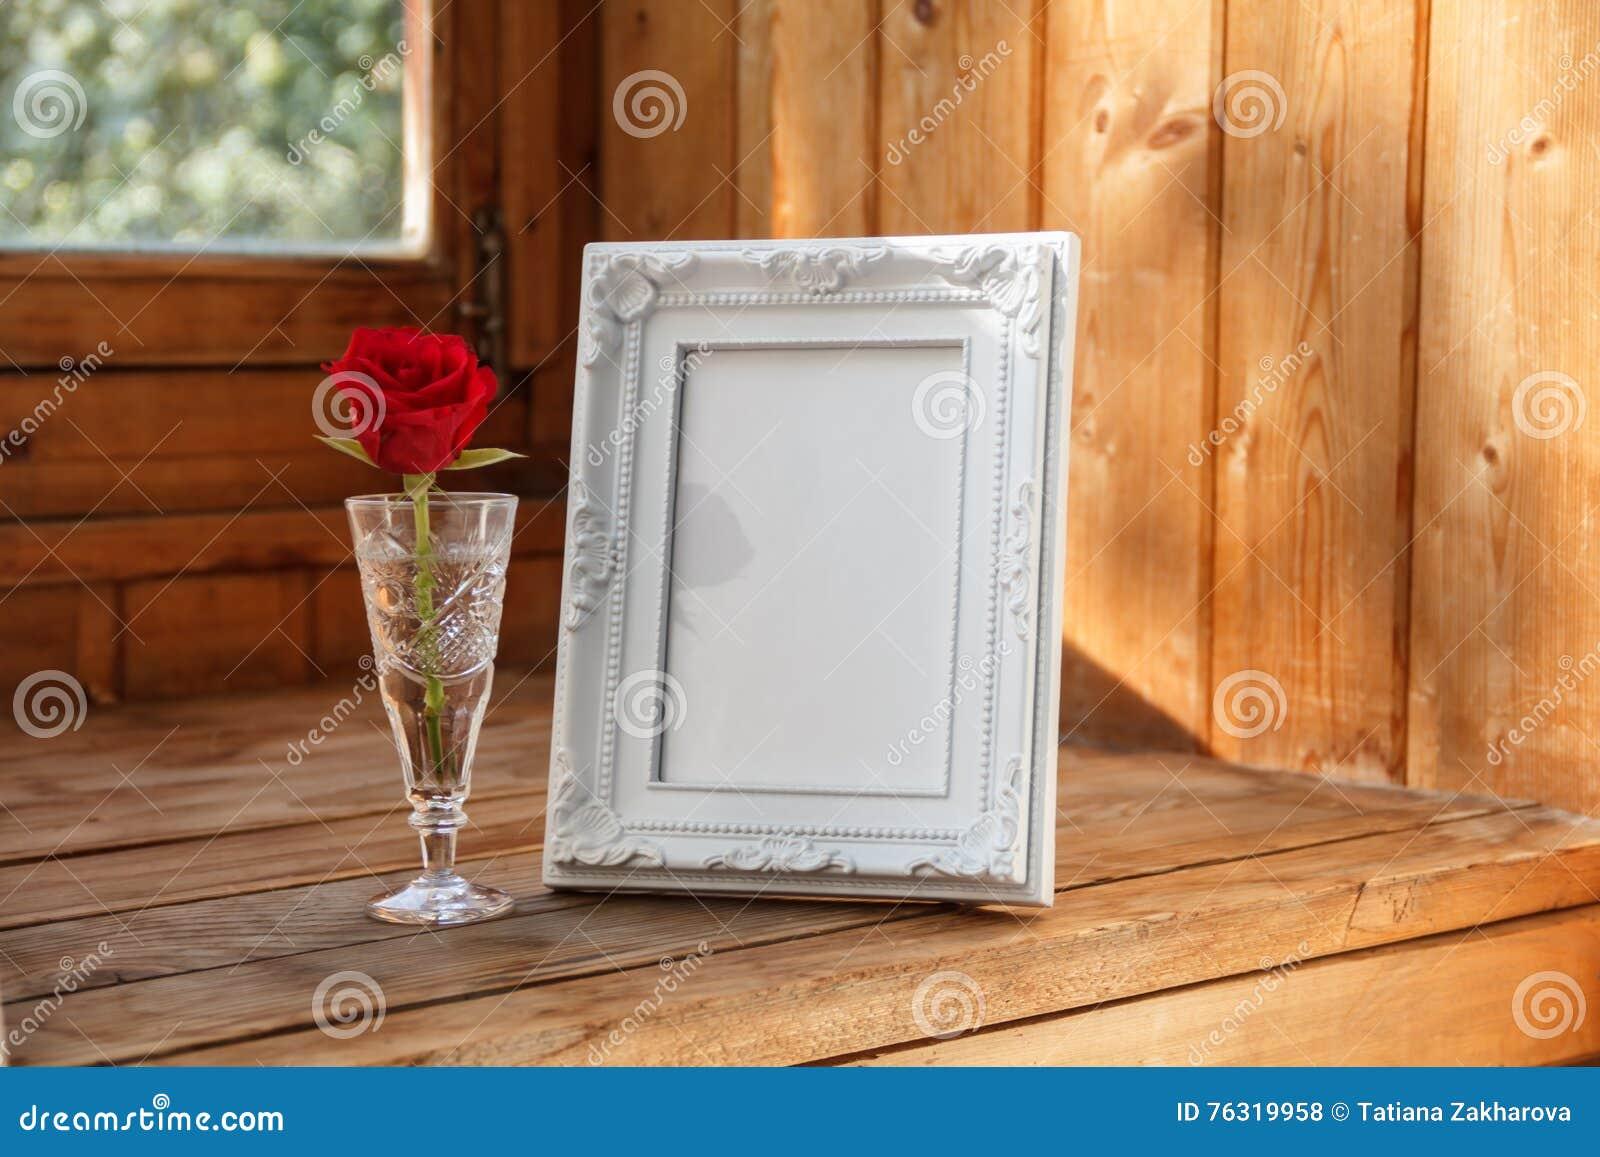 Quadro da foto e uma rosa vermelha